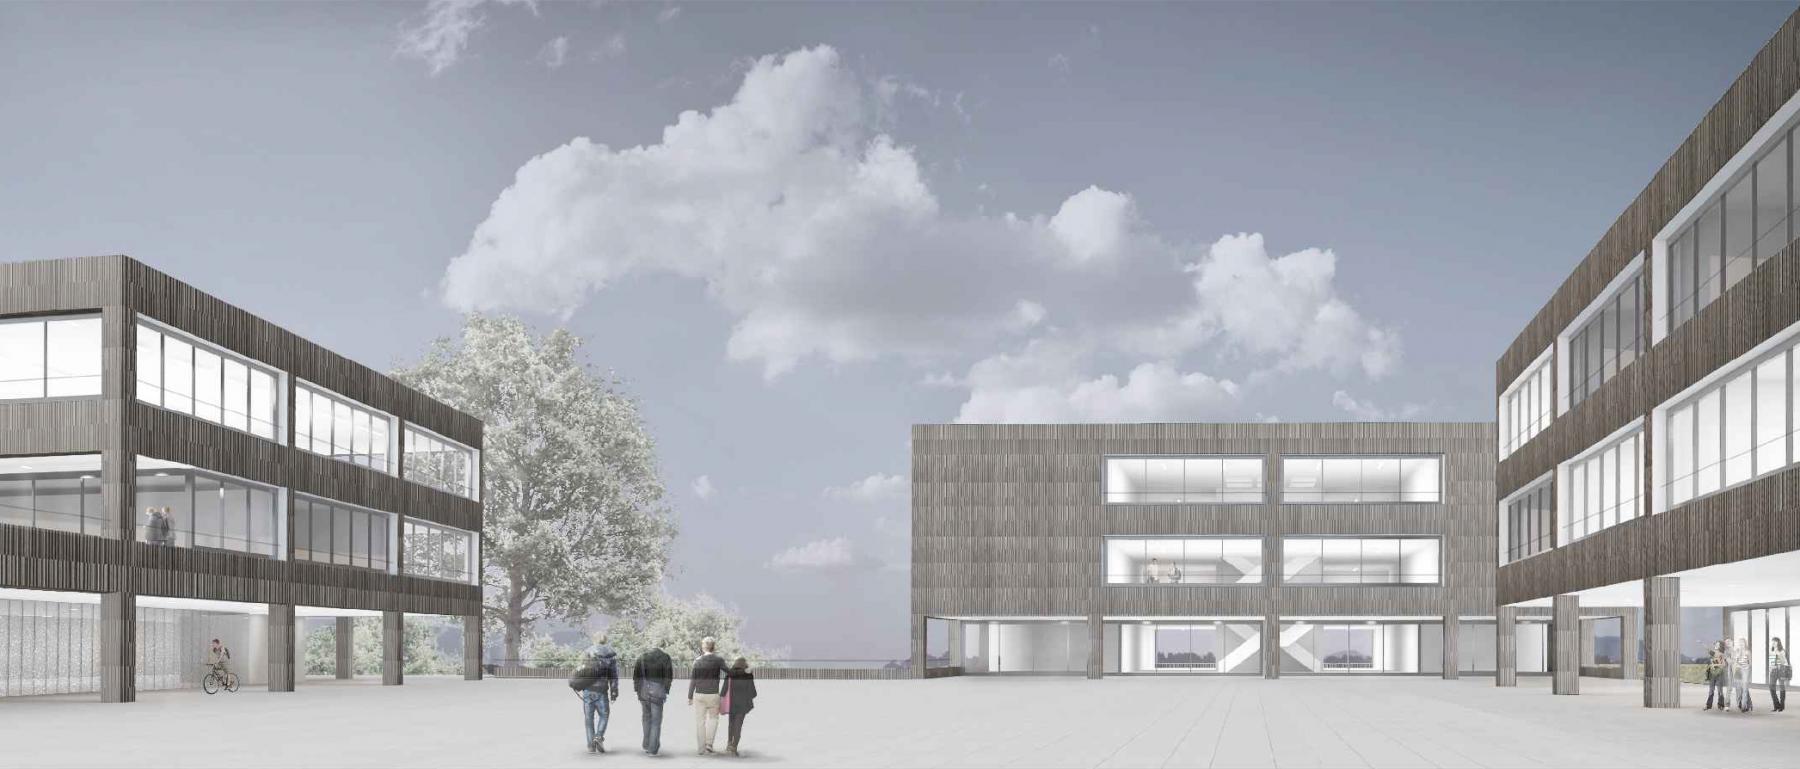 Transformation et agrandissement du Cycle d'Orientation de la Veveyse, Châtel-St-Denis, d4 atelier d'architecture, projet lauréat CROCSOR